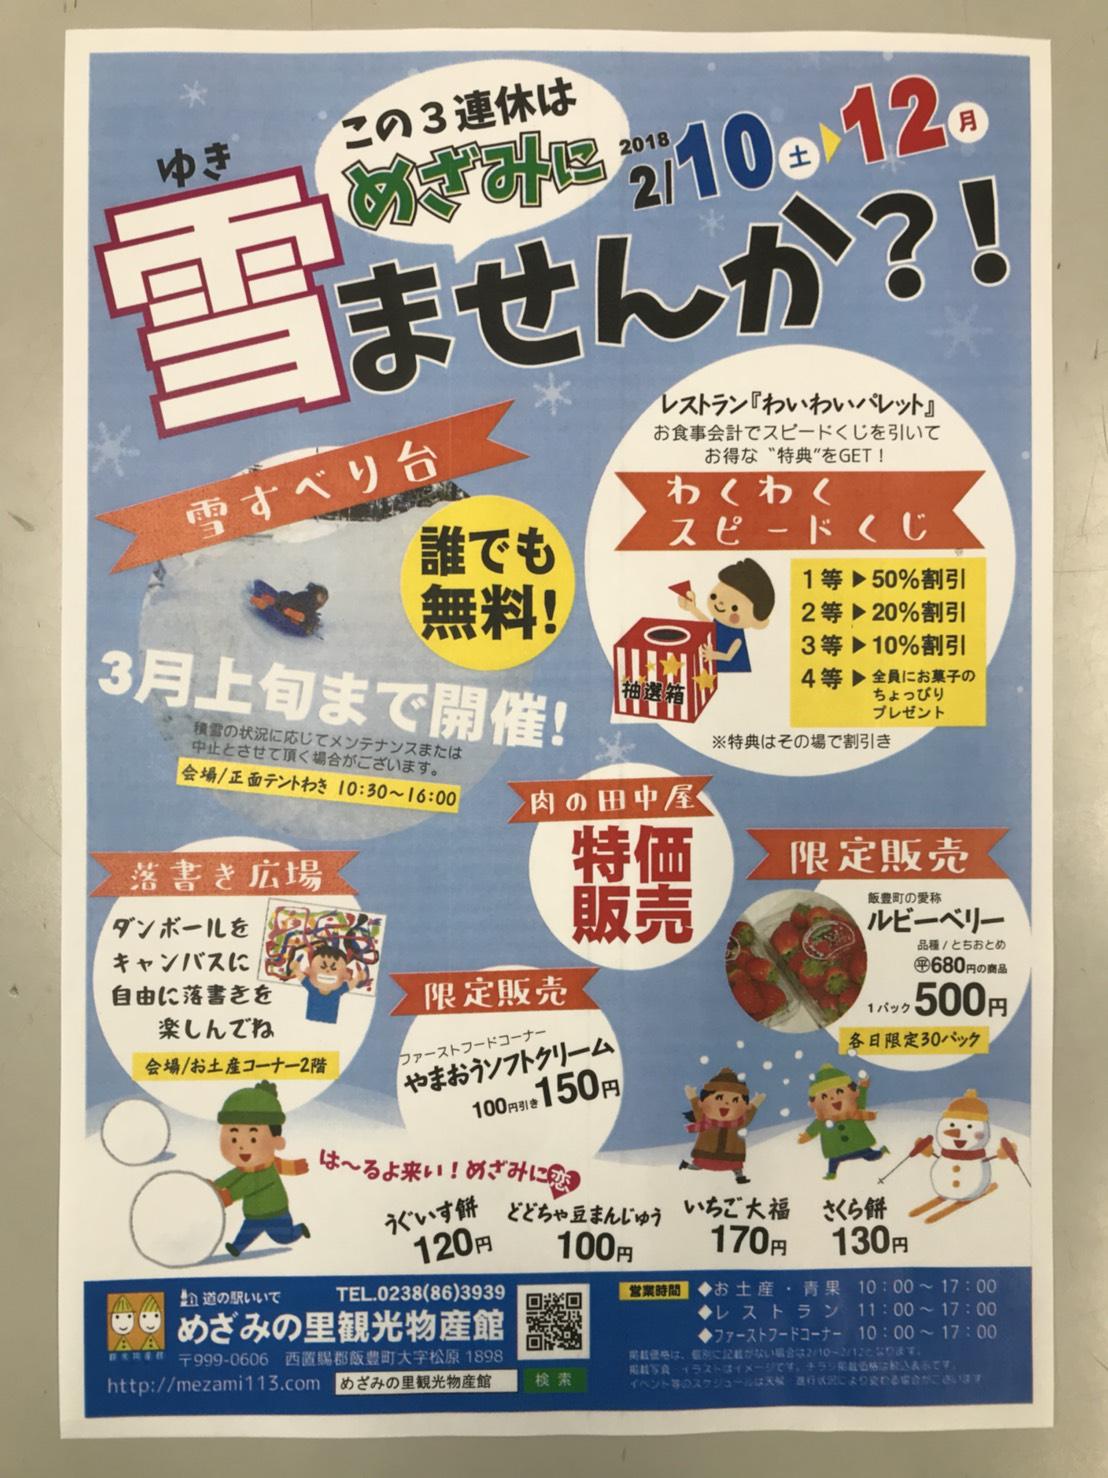 2月のイベントお知らせ!!:画像